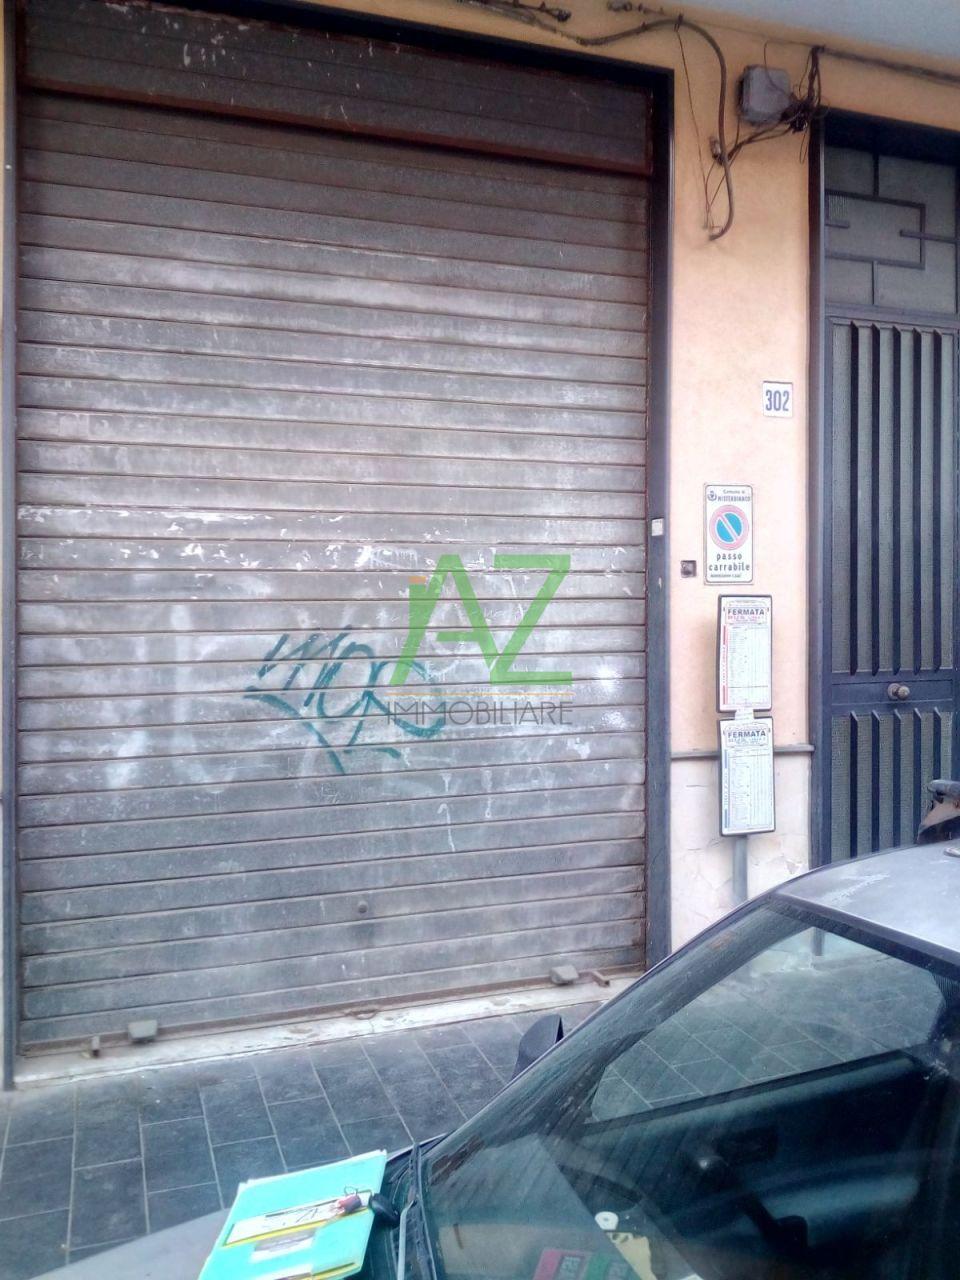 Locale commerciale - 1 Vetrina a Misterbianco